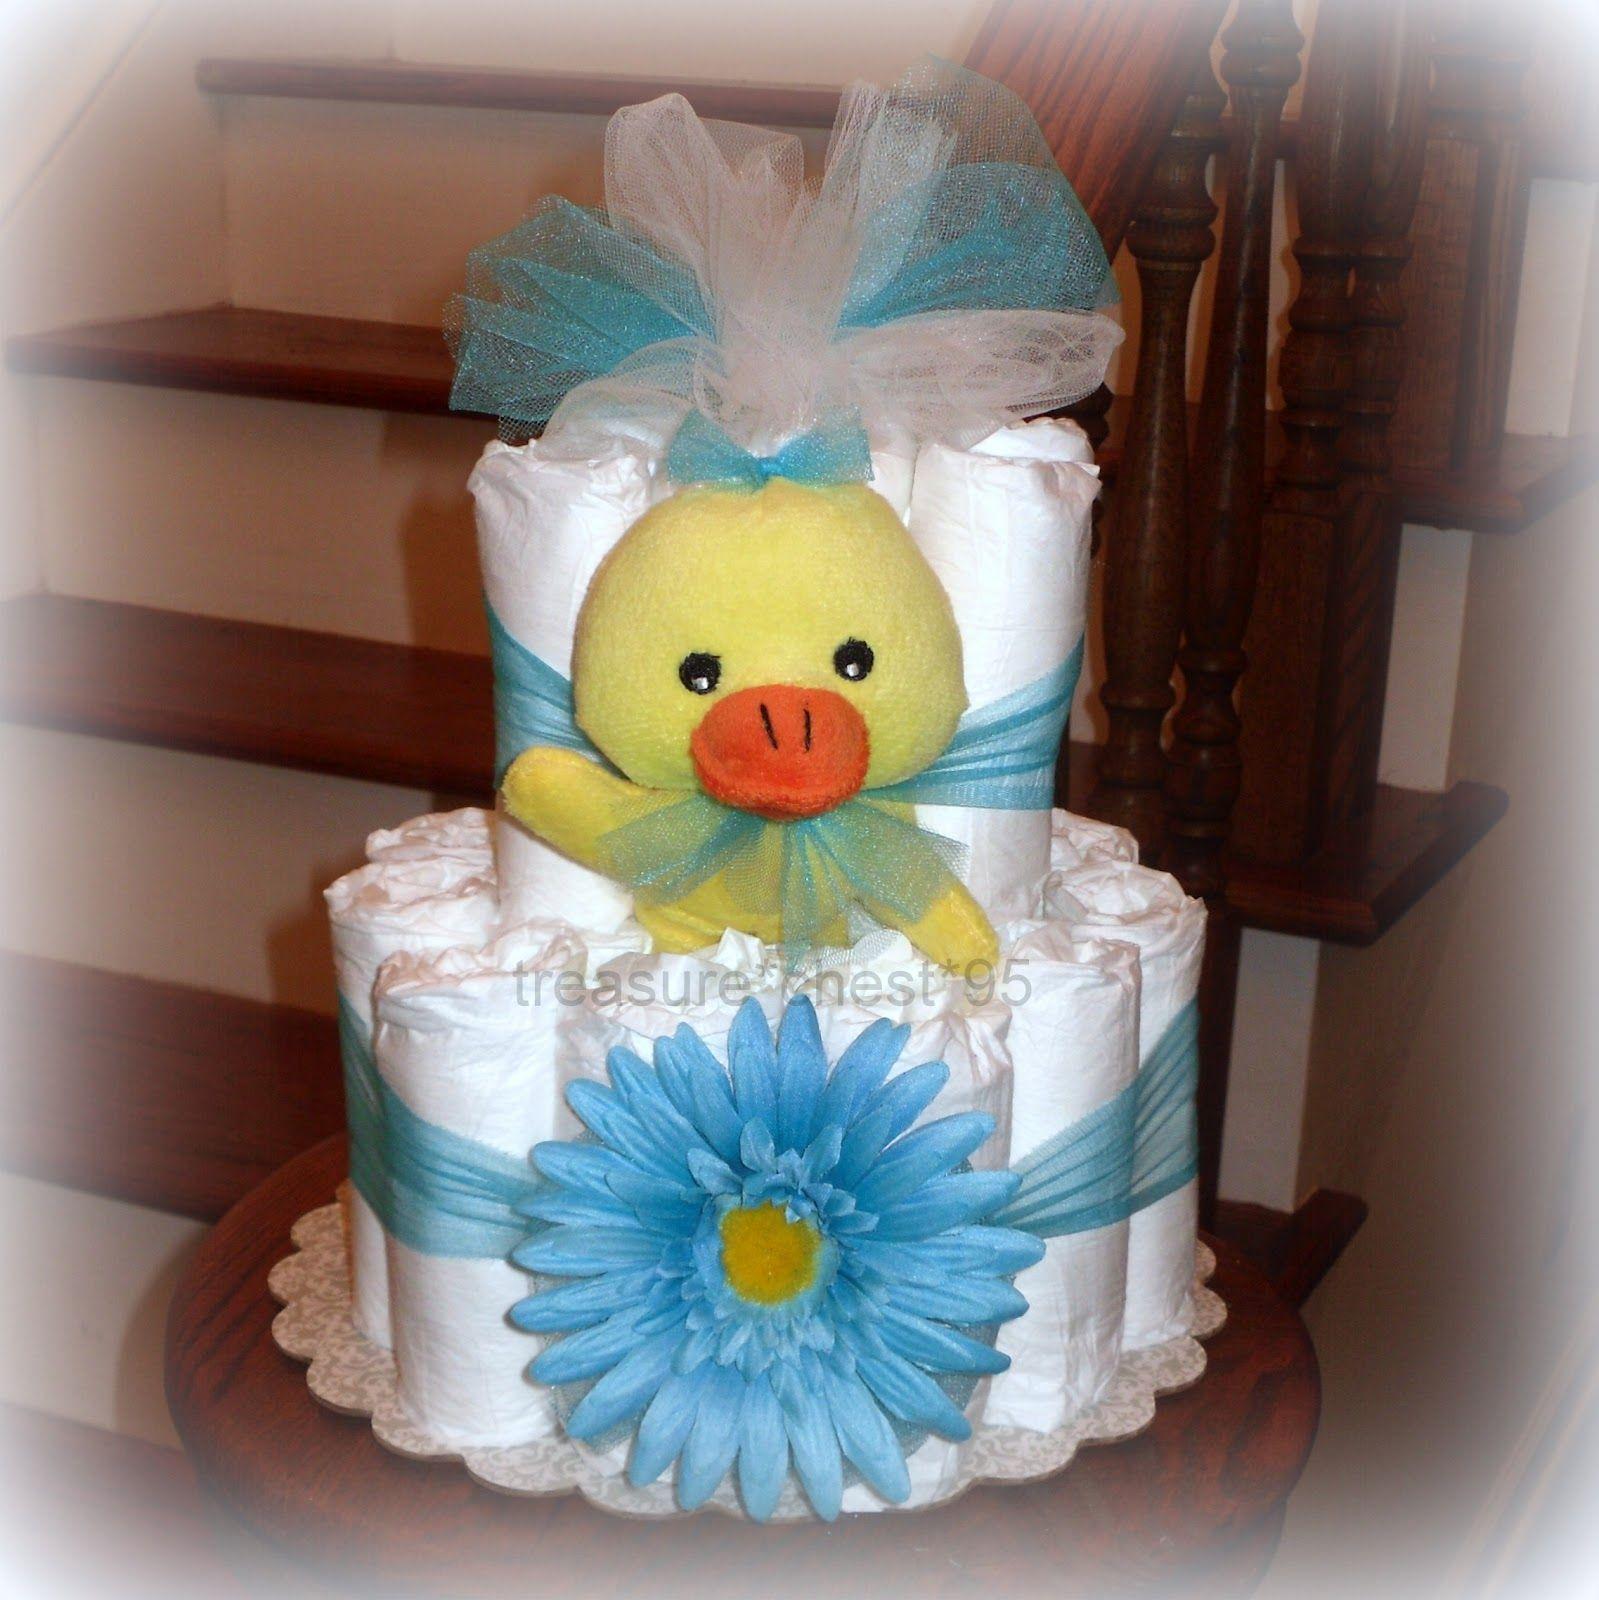 Baby shower centerpiece ideas diaper cake baby shower for Baby diaper cake decoration